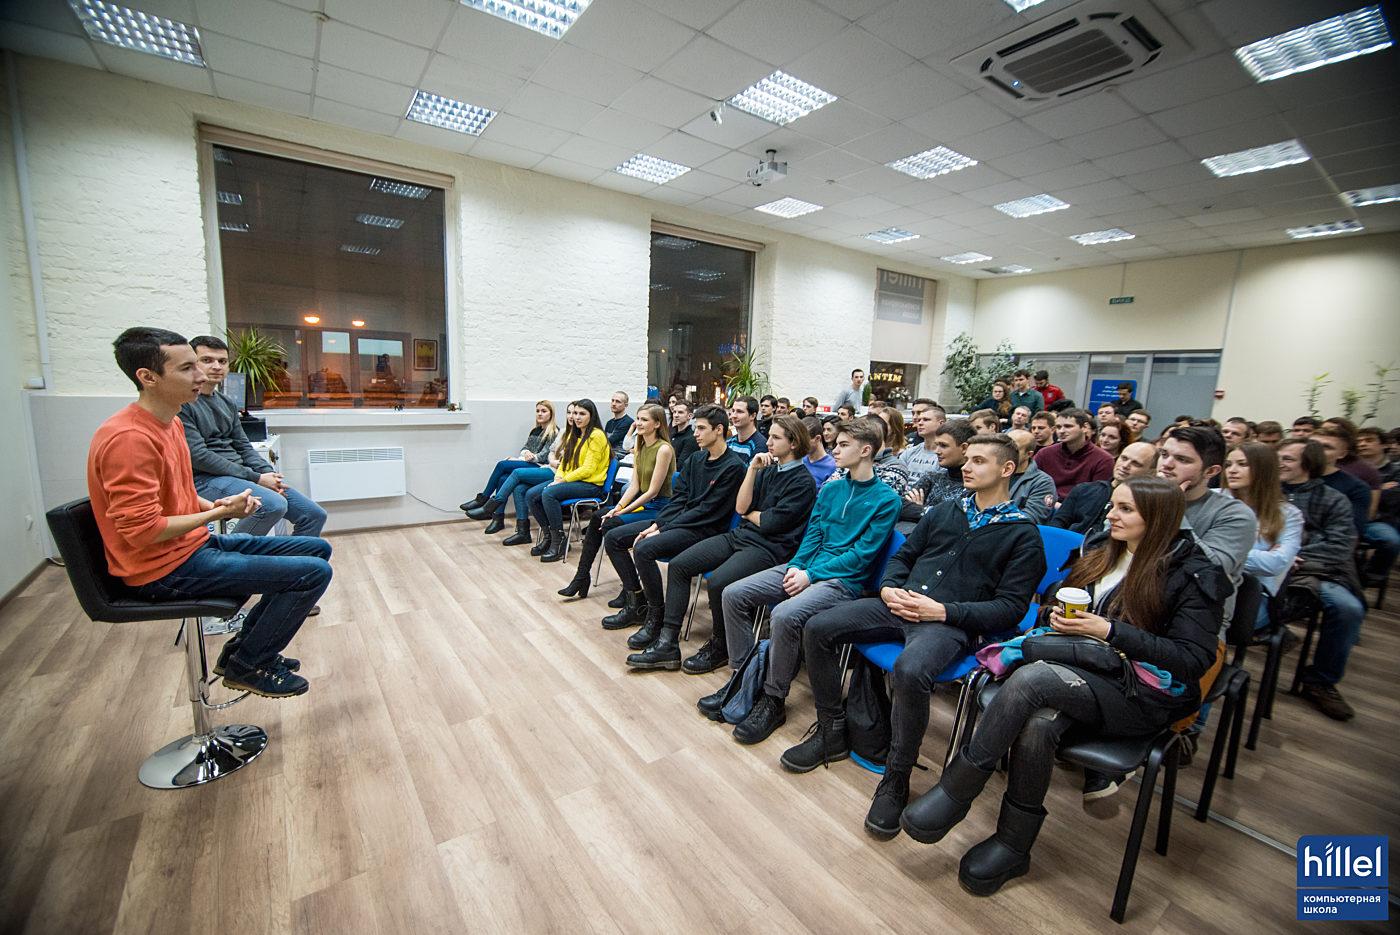 Новости школы: Одессу охватила всемирная линзомания от Looksery. Встреча в Компьютерной школе Hillel